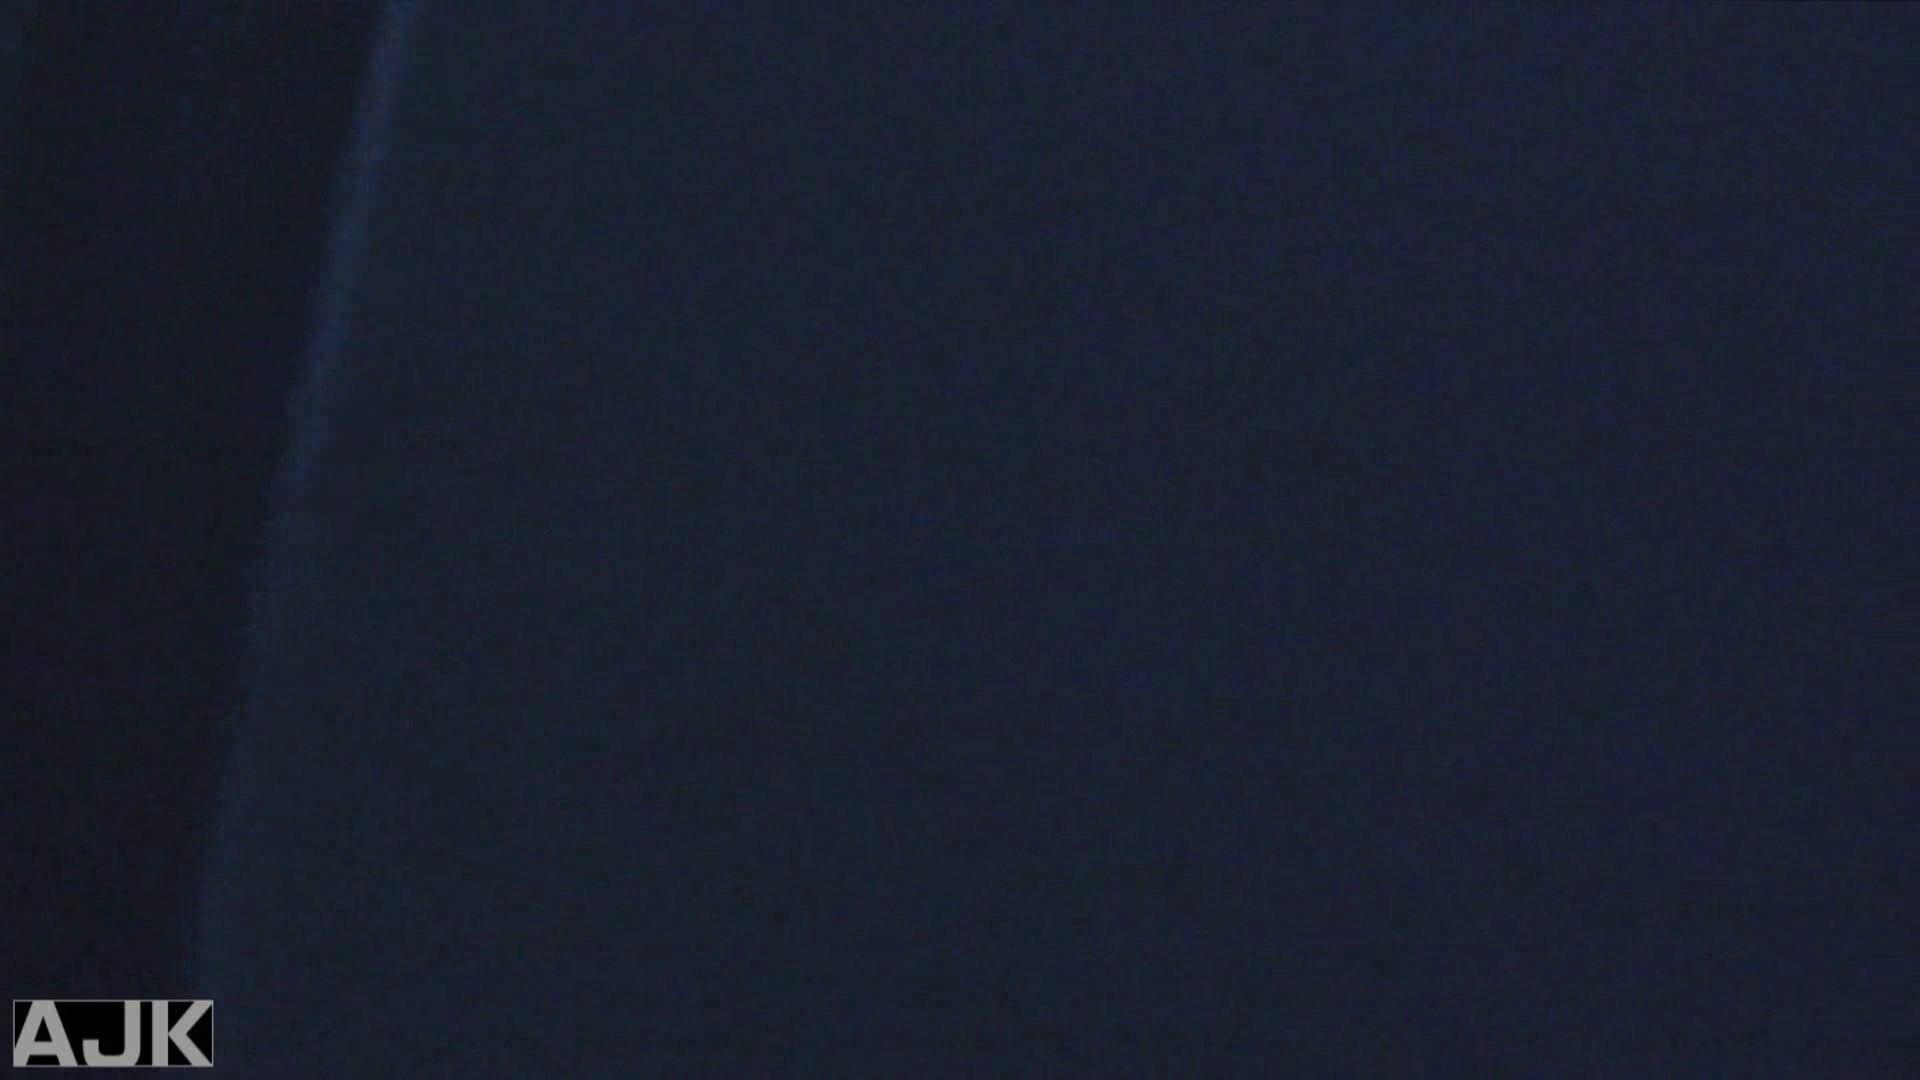 神降臨!史上最強の潜入かわや! vol.05 美女  92連発 77